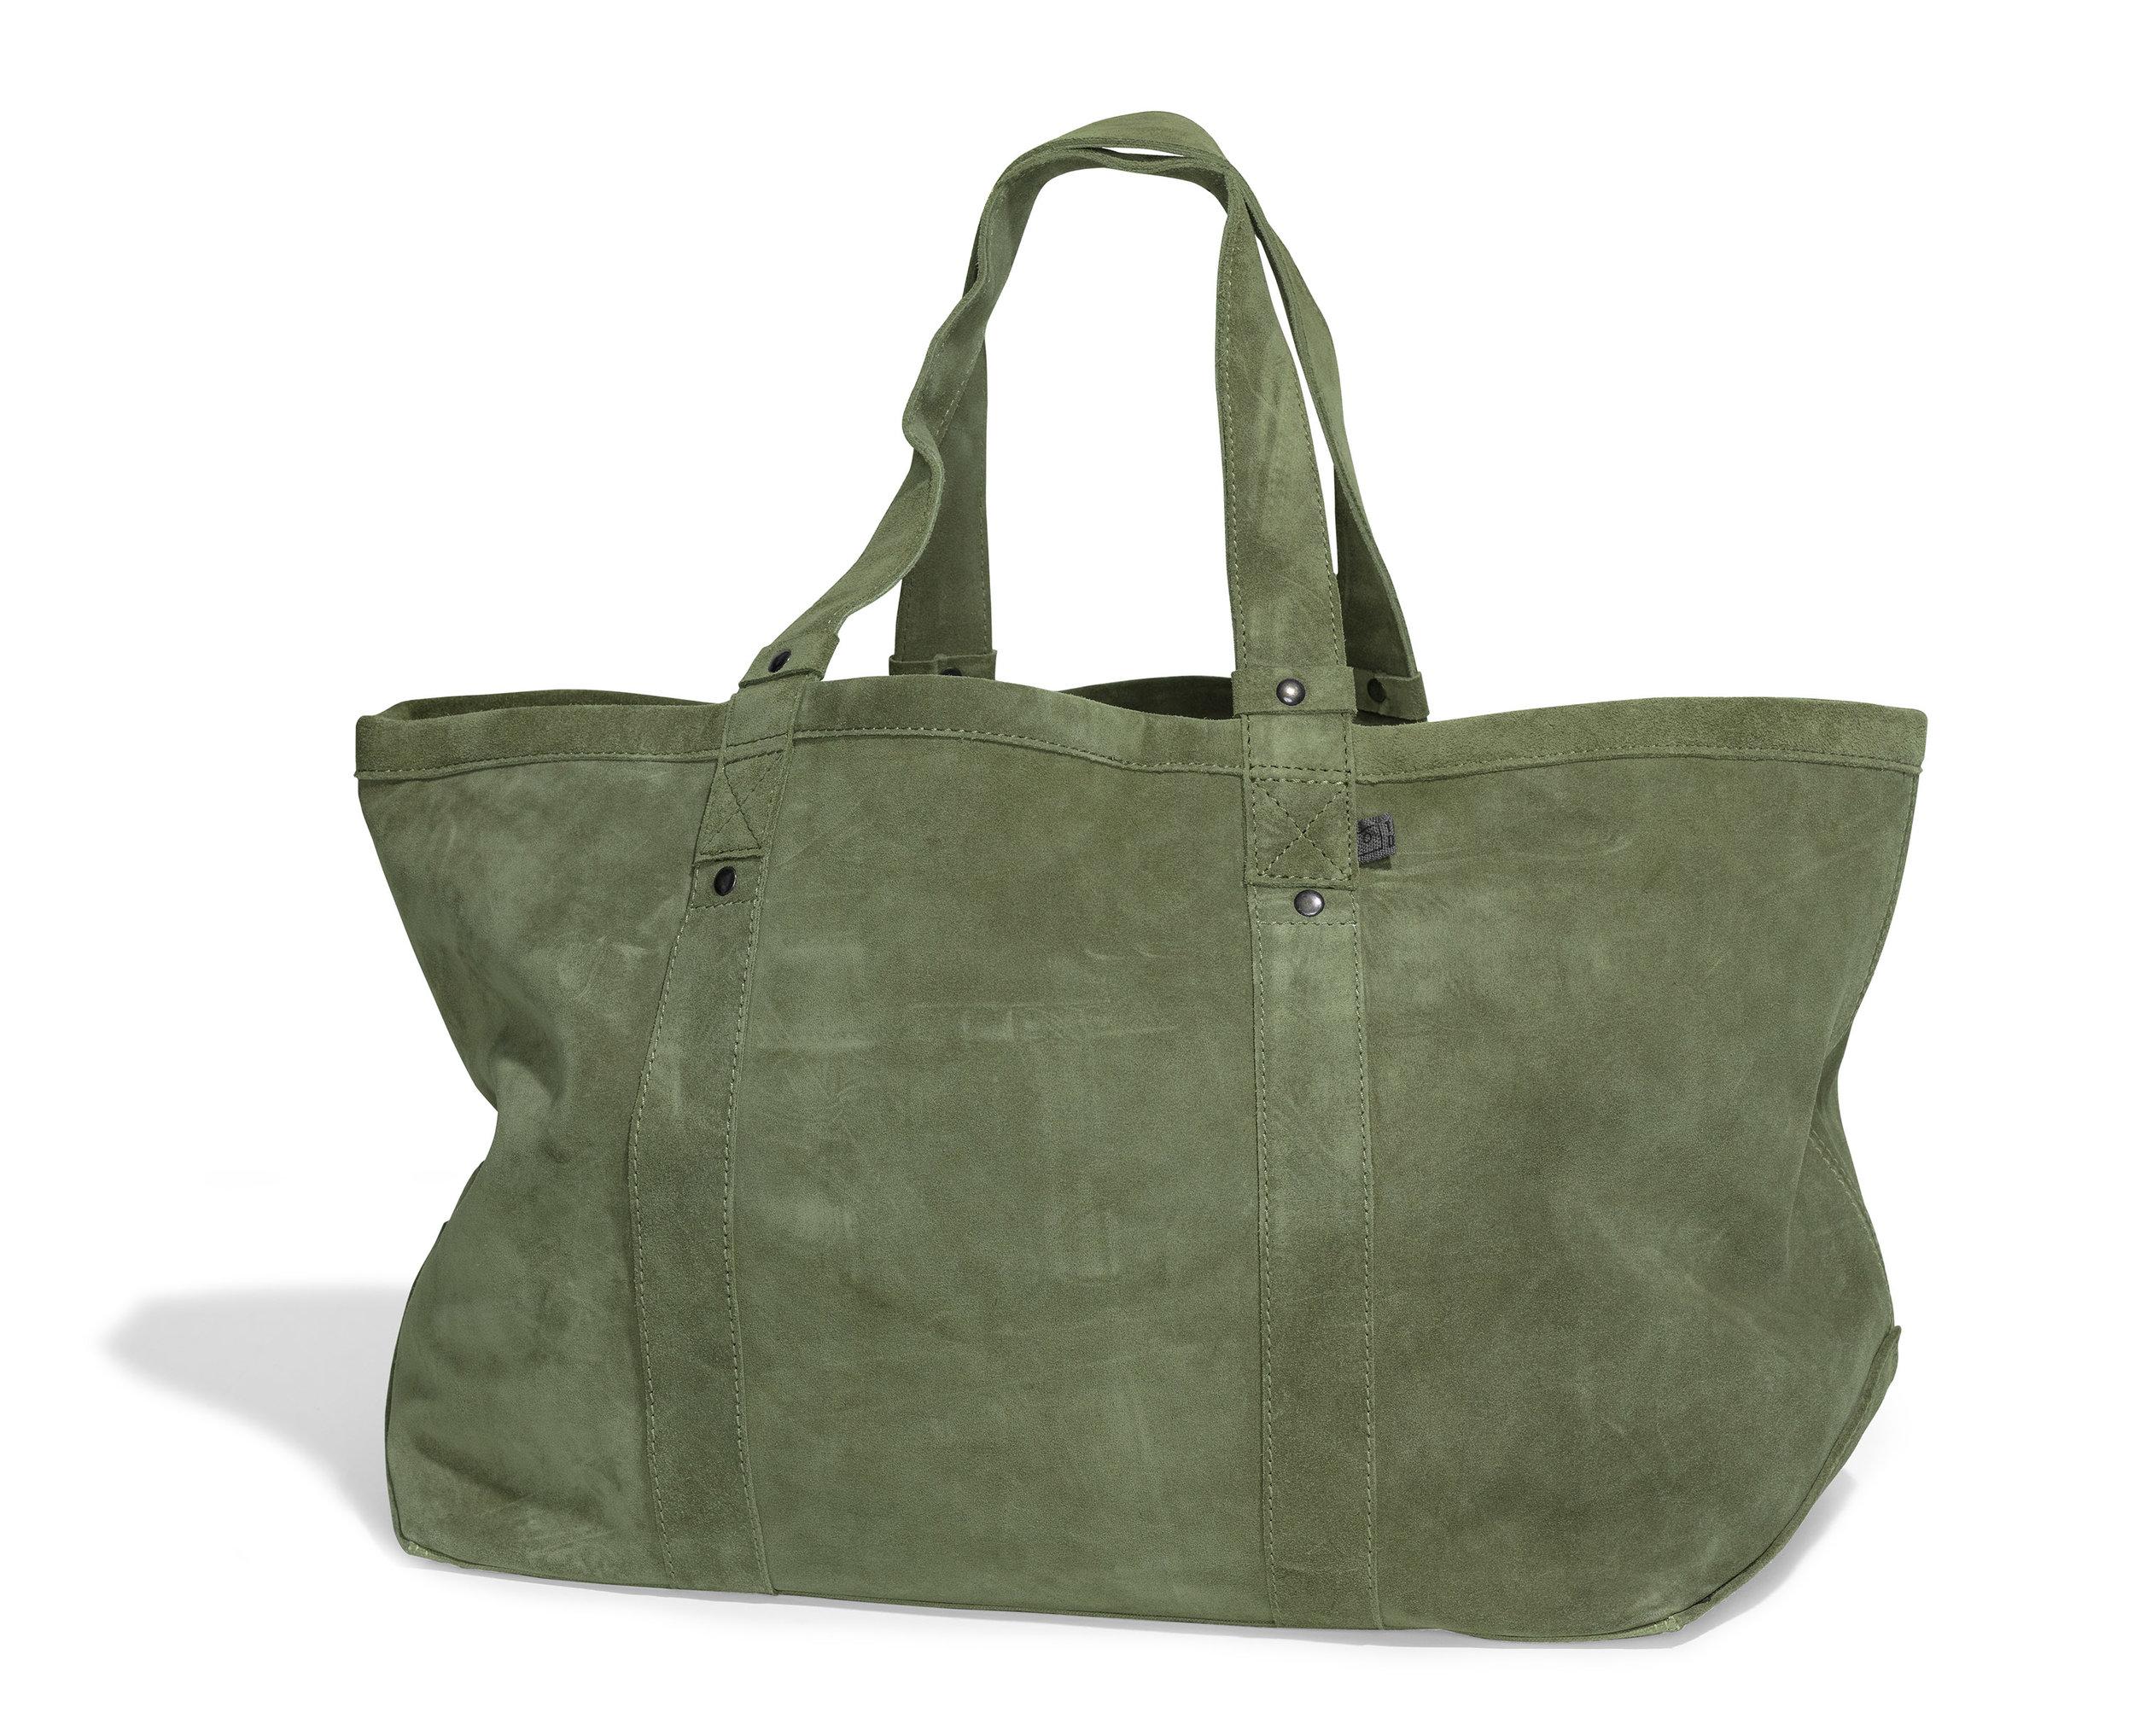 Foyers bag Foggy green suede